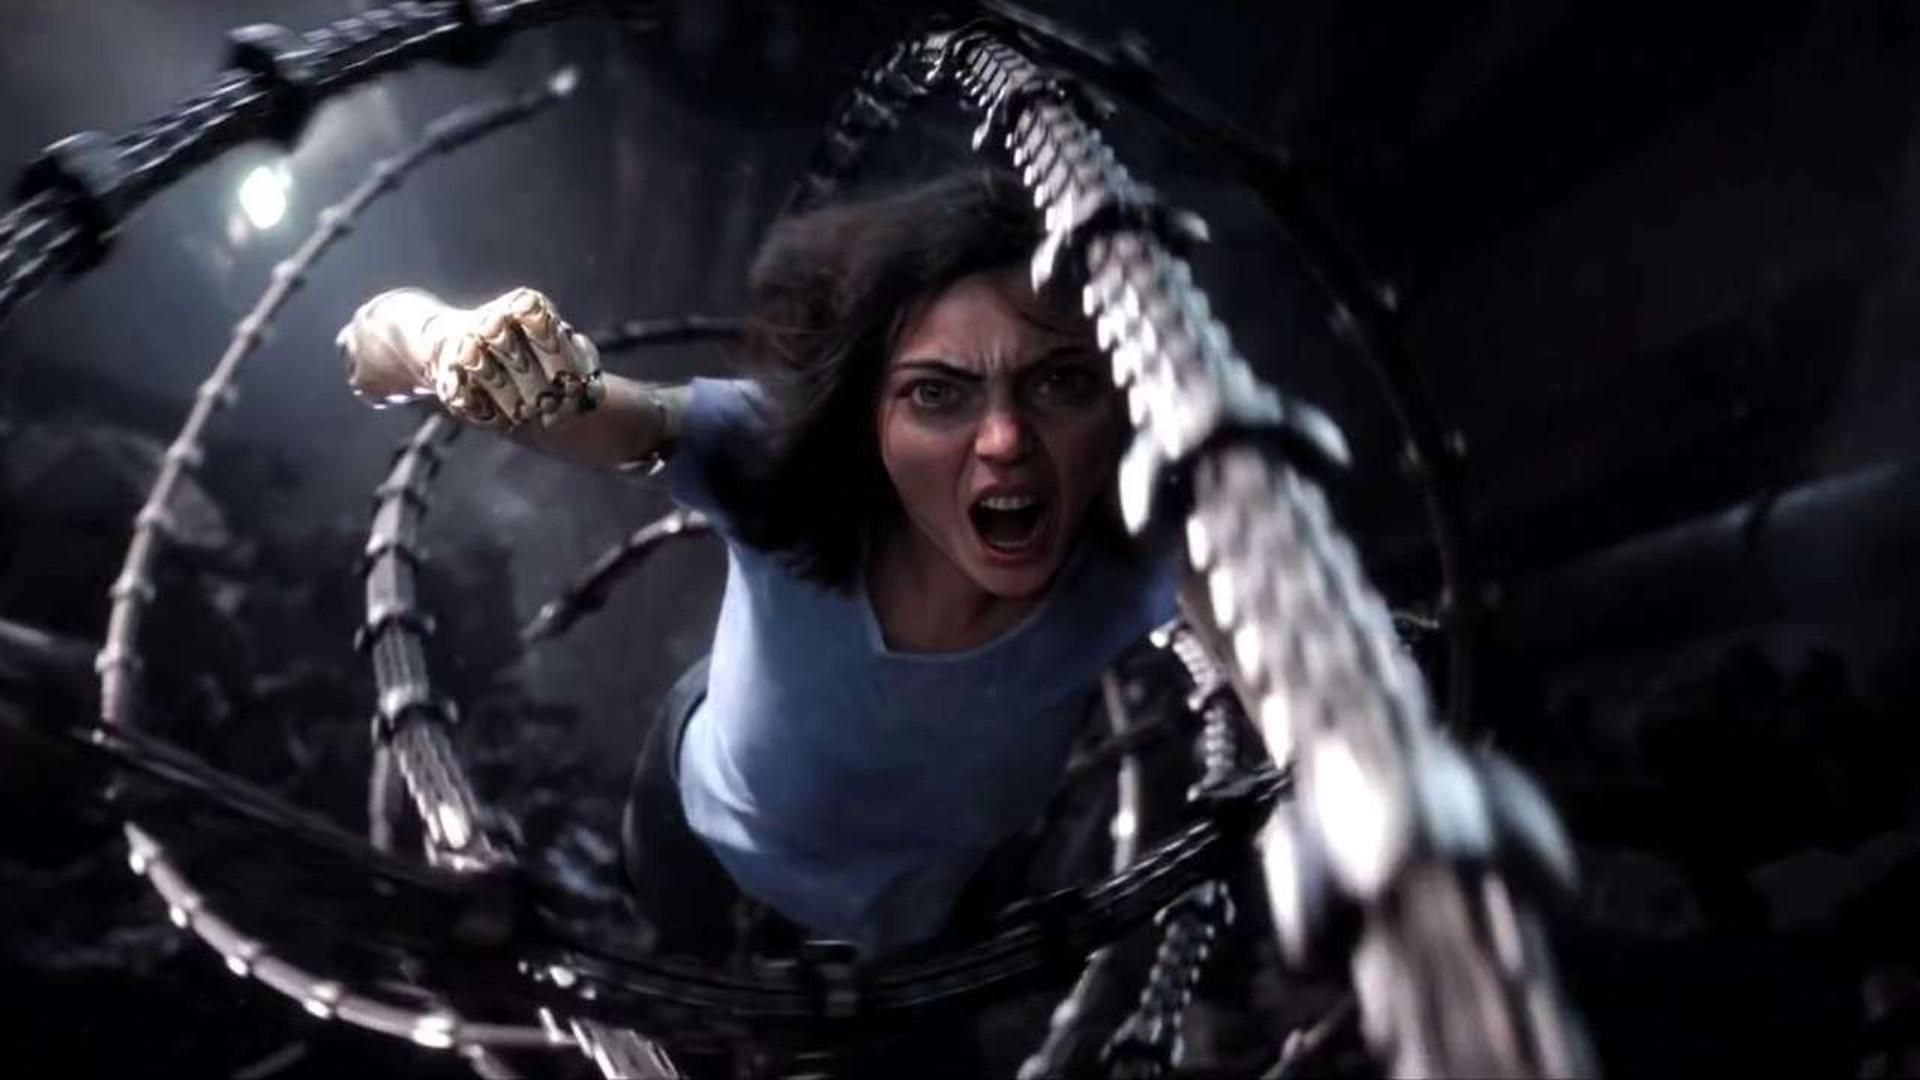 Rosa Salazar vive Alita, uma ciborgue com poderes especiais (Foto: Divulgação)